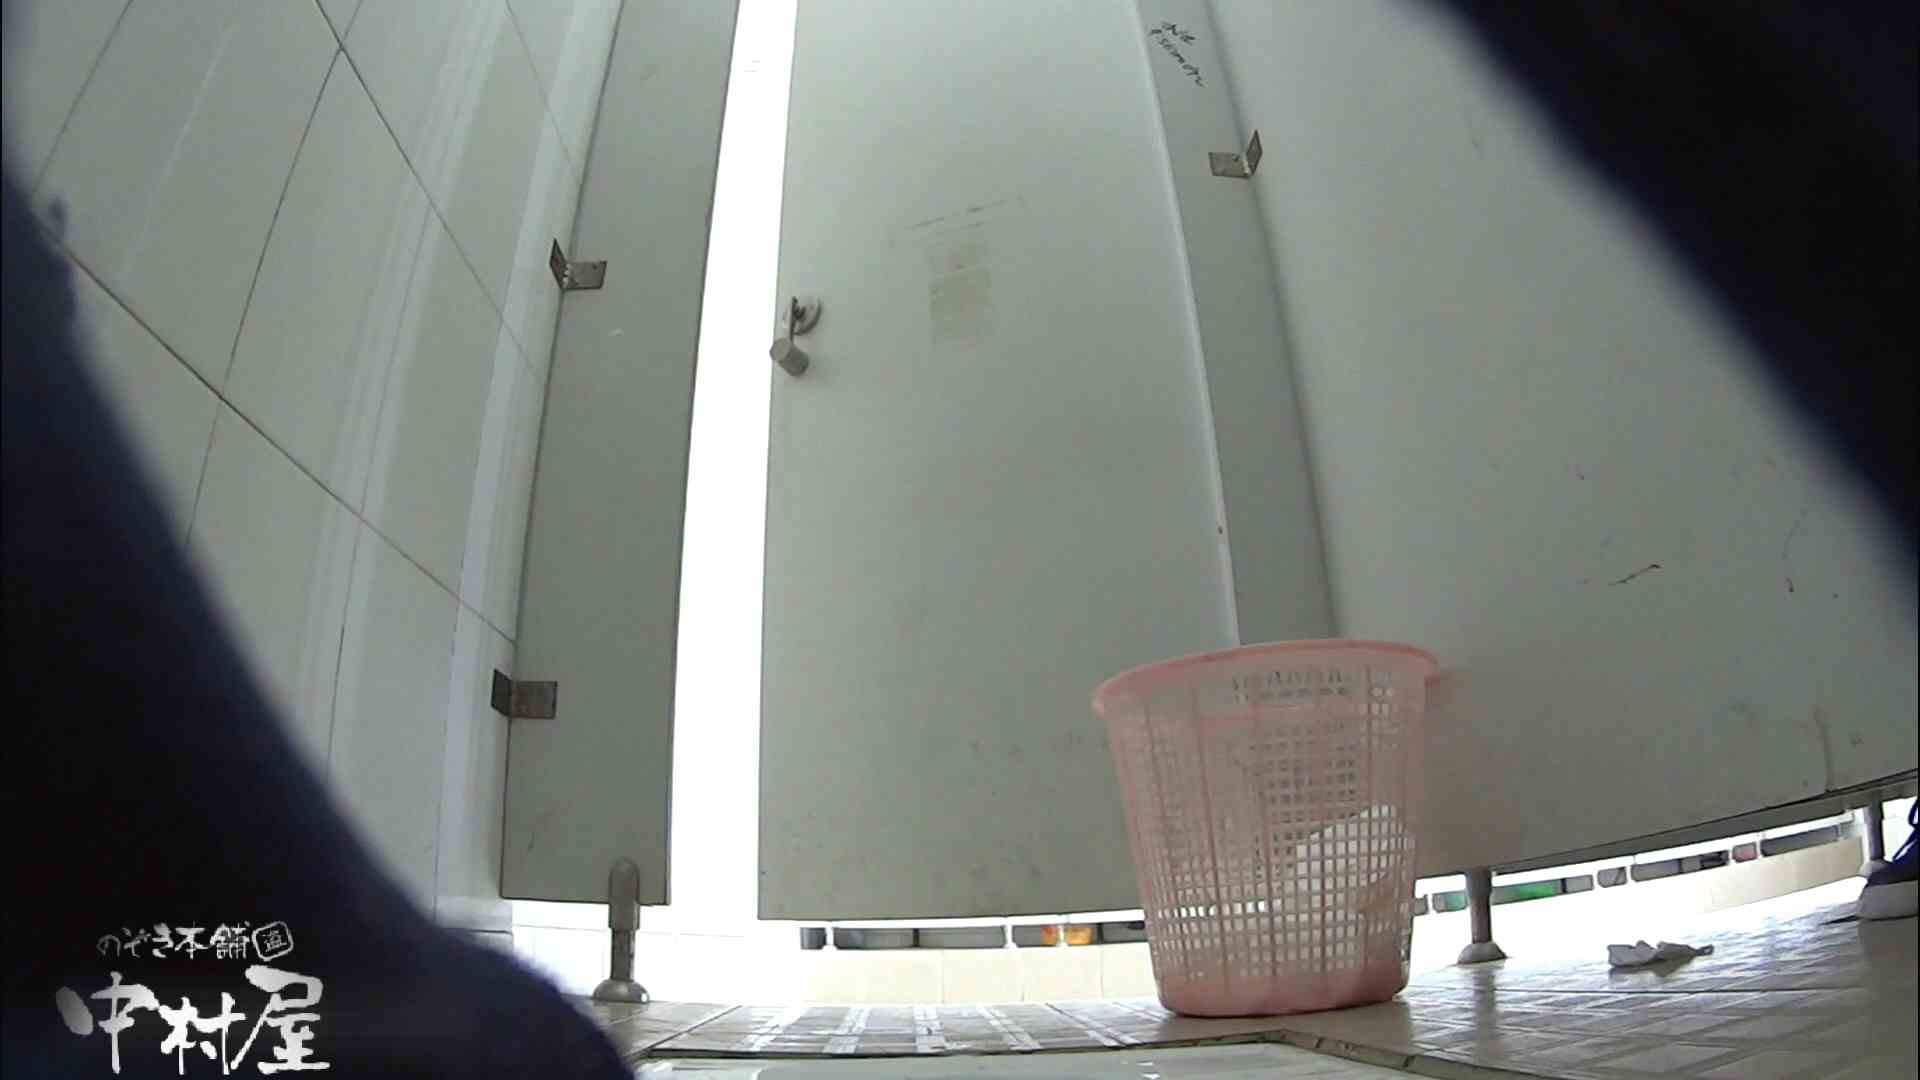 名大学休憩時間の洗面所事情01 盗撮映像  85Pix 68